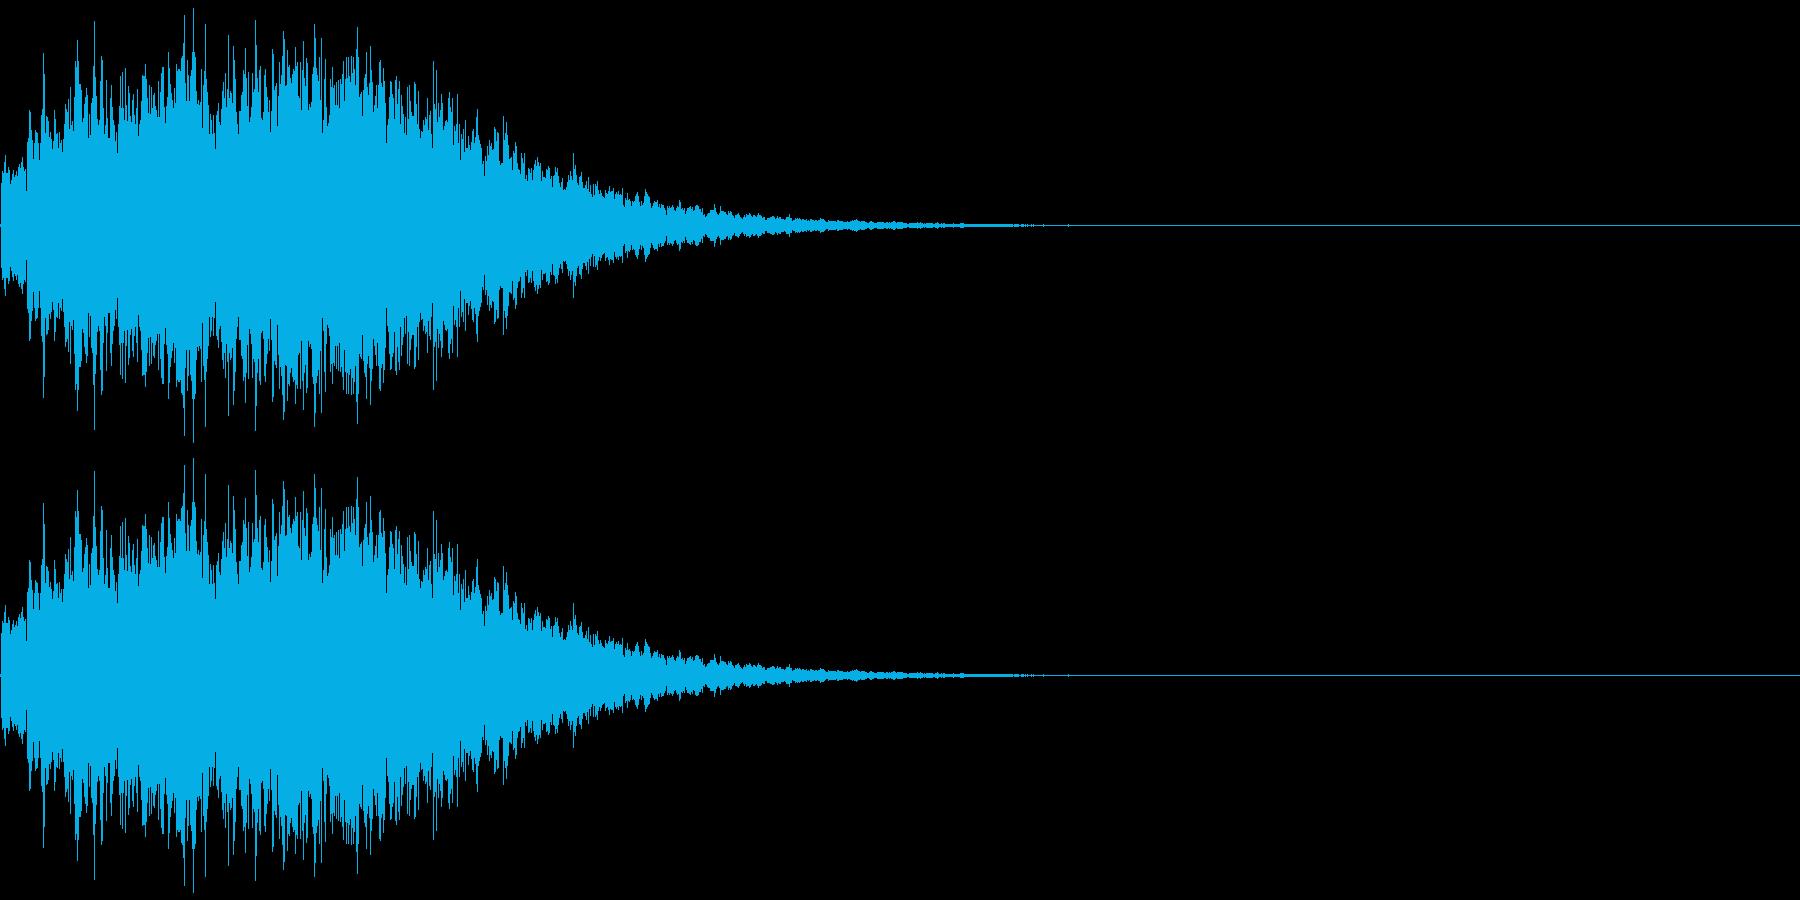 決定、ボタン押下(長めのきらきら音)の再生済みの波形